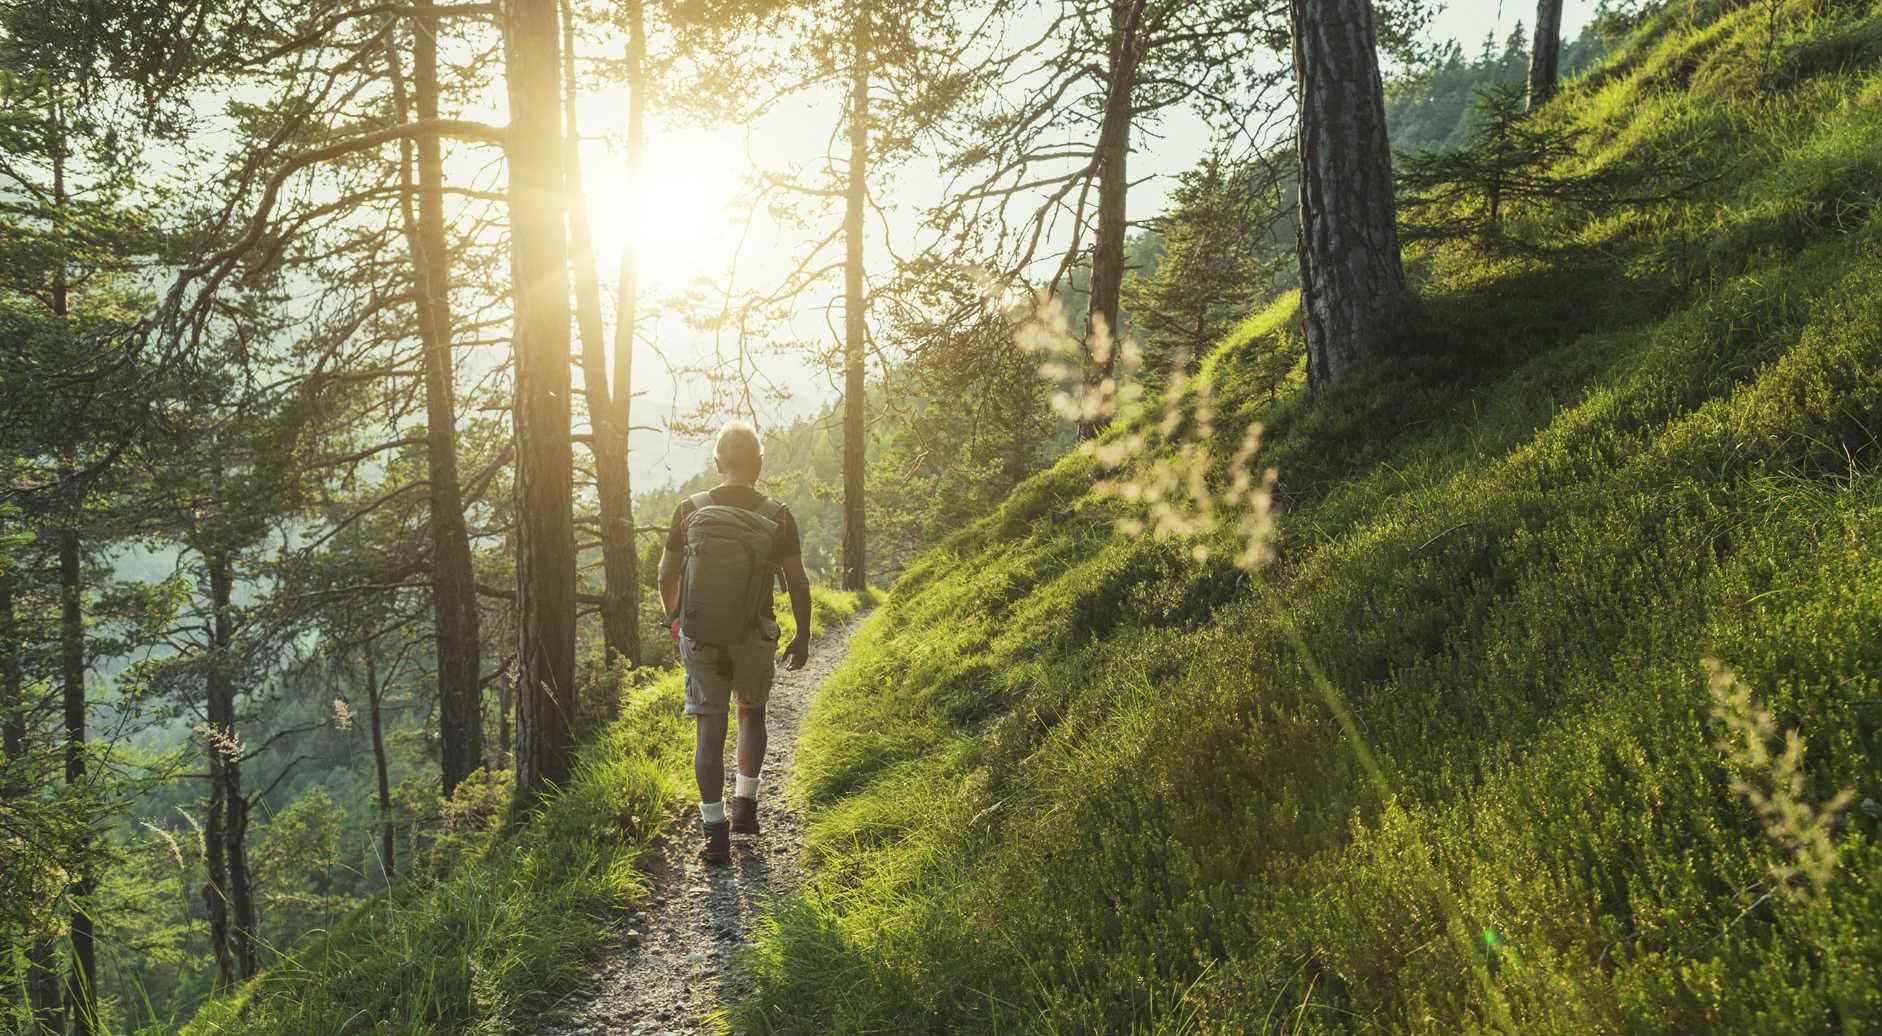 Camminare in montagna? Ci aiuta a riprendere consapevolezza di noi stessi